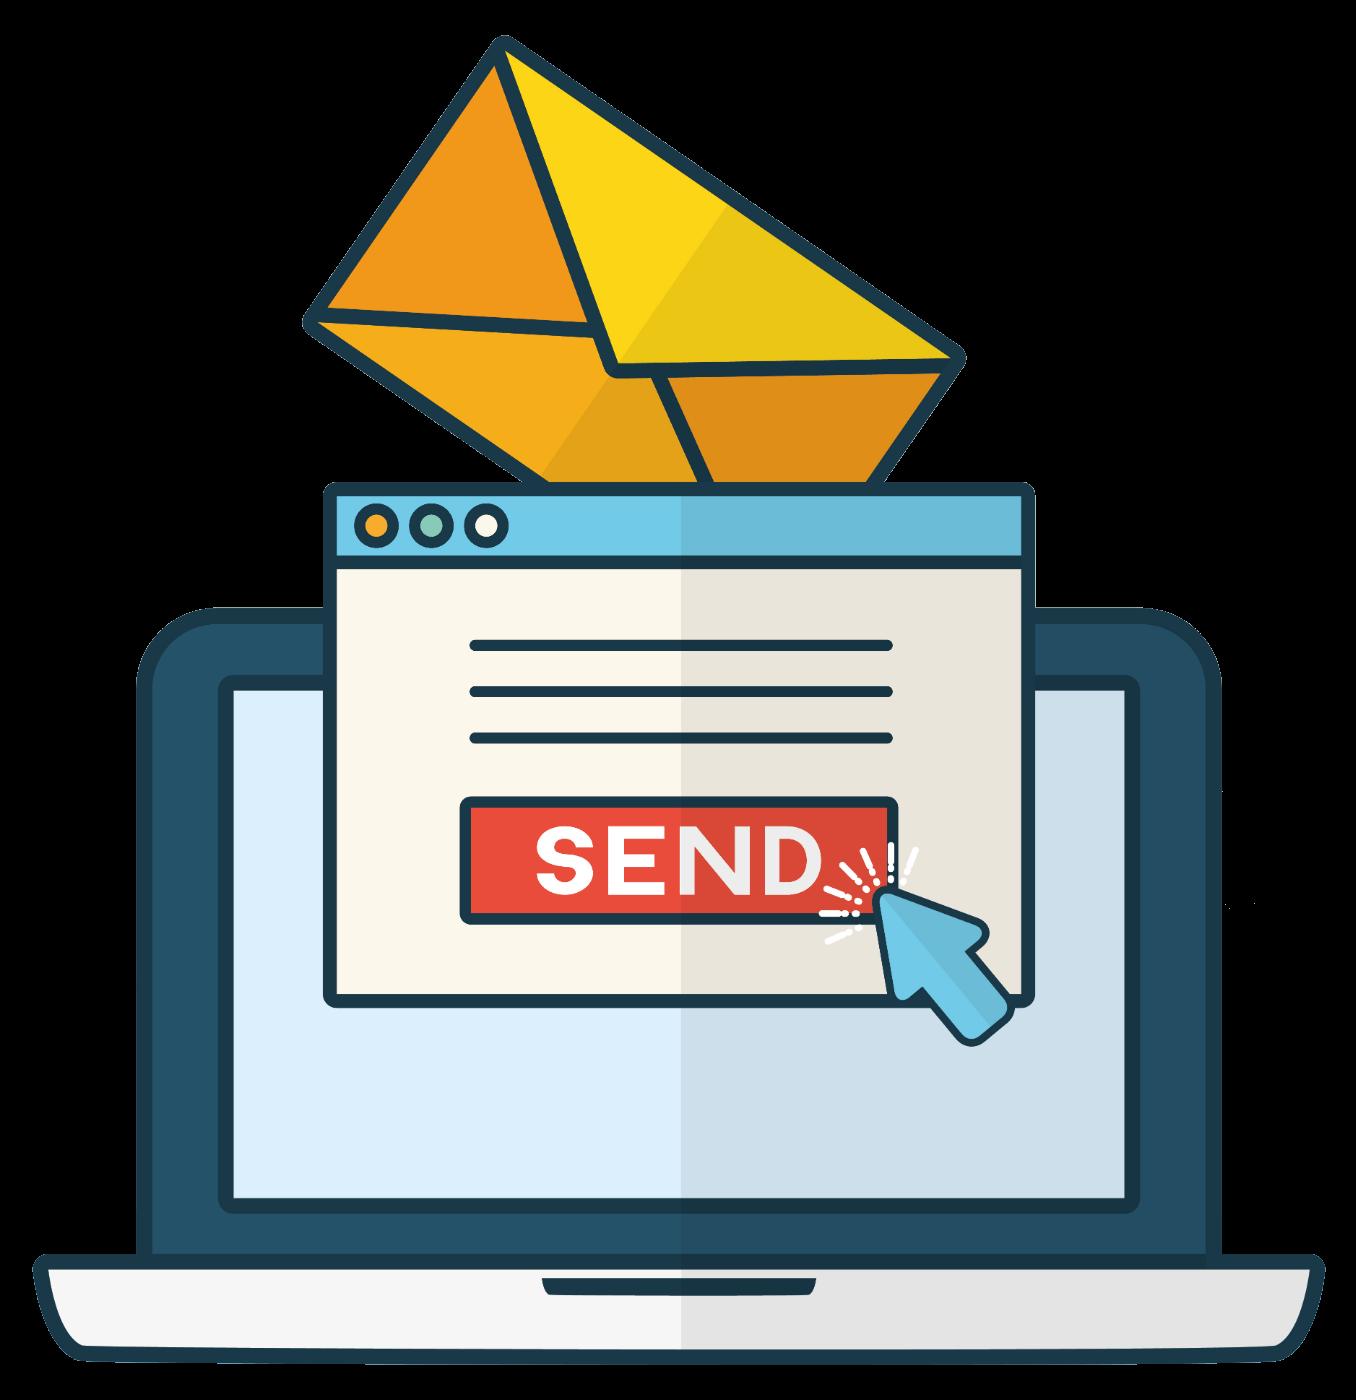 Email Break Into Remote